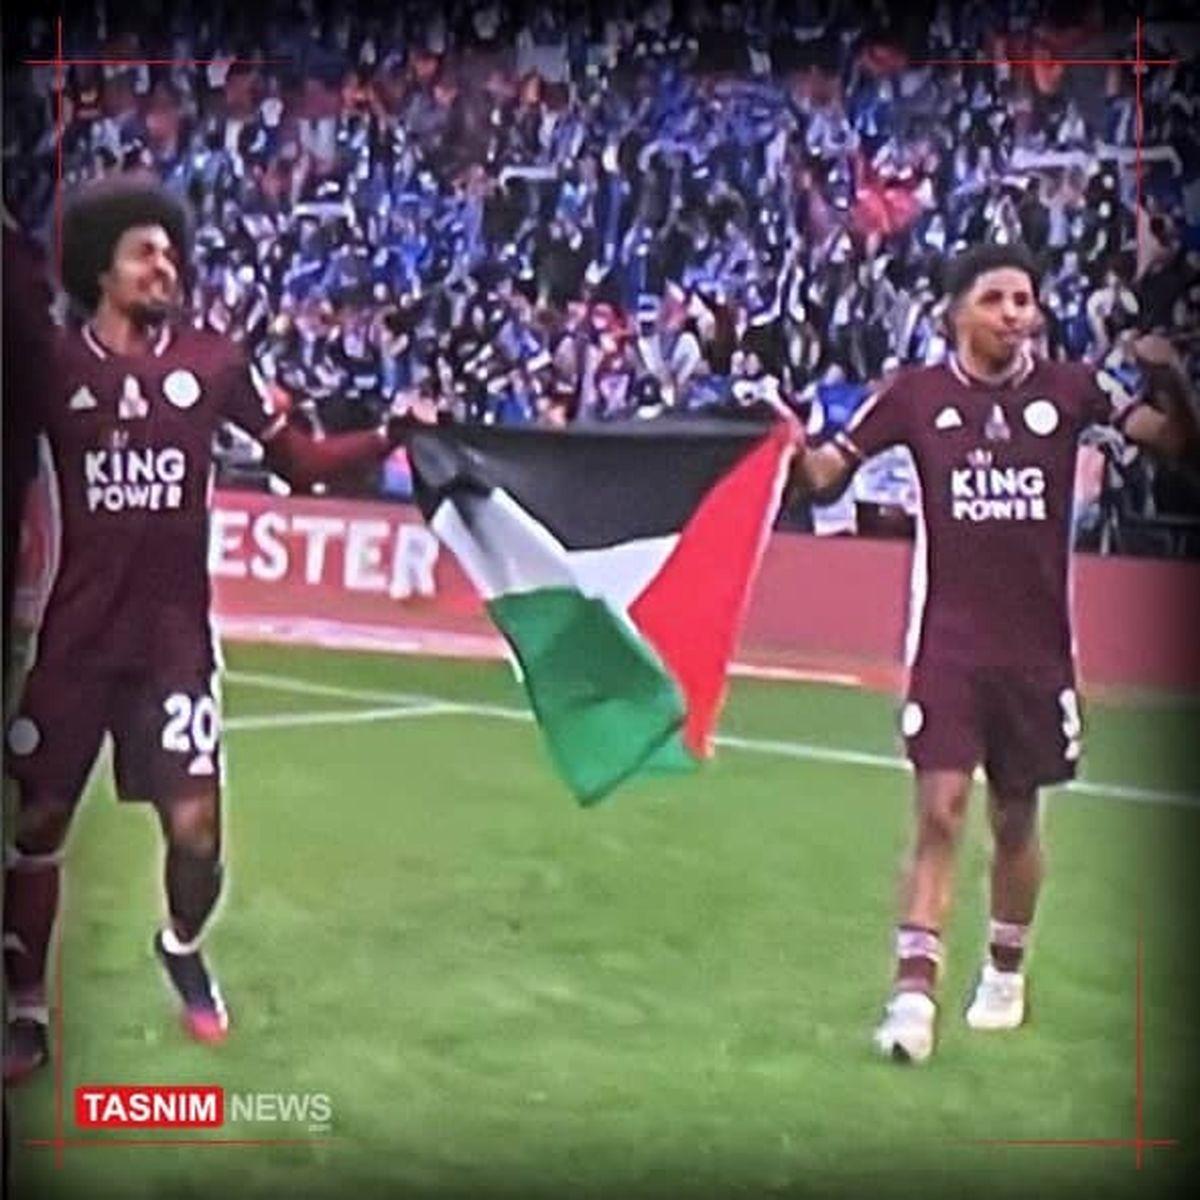 جشن قهرمانی در لندن با پرچم فلسطین +عکس